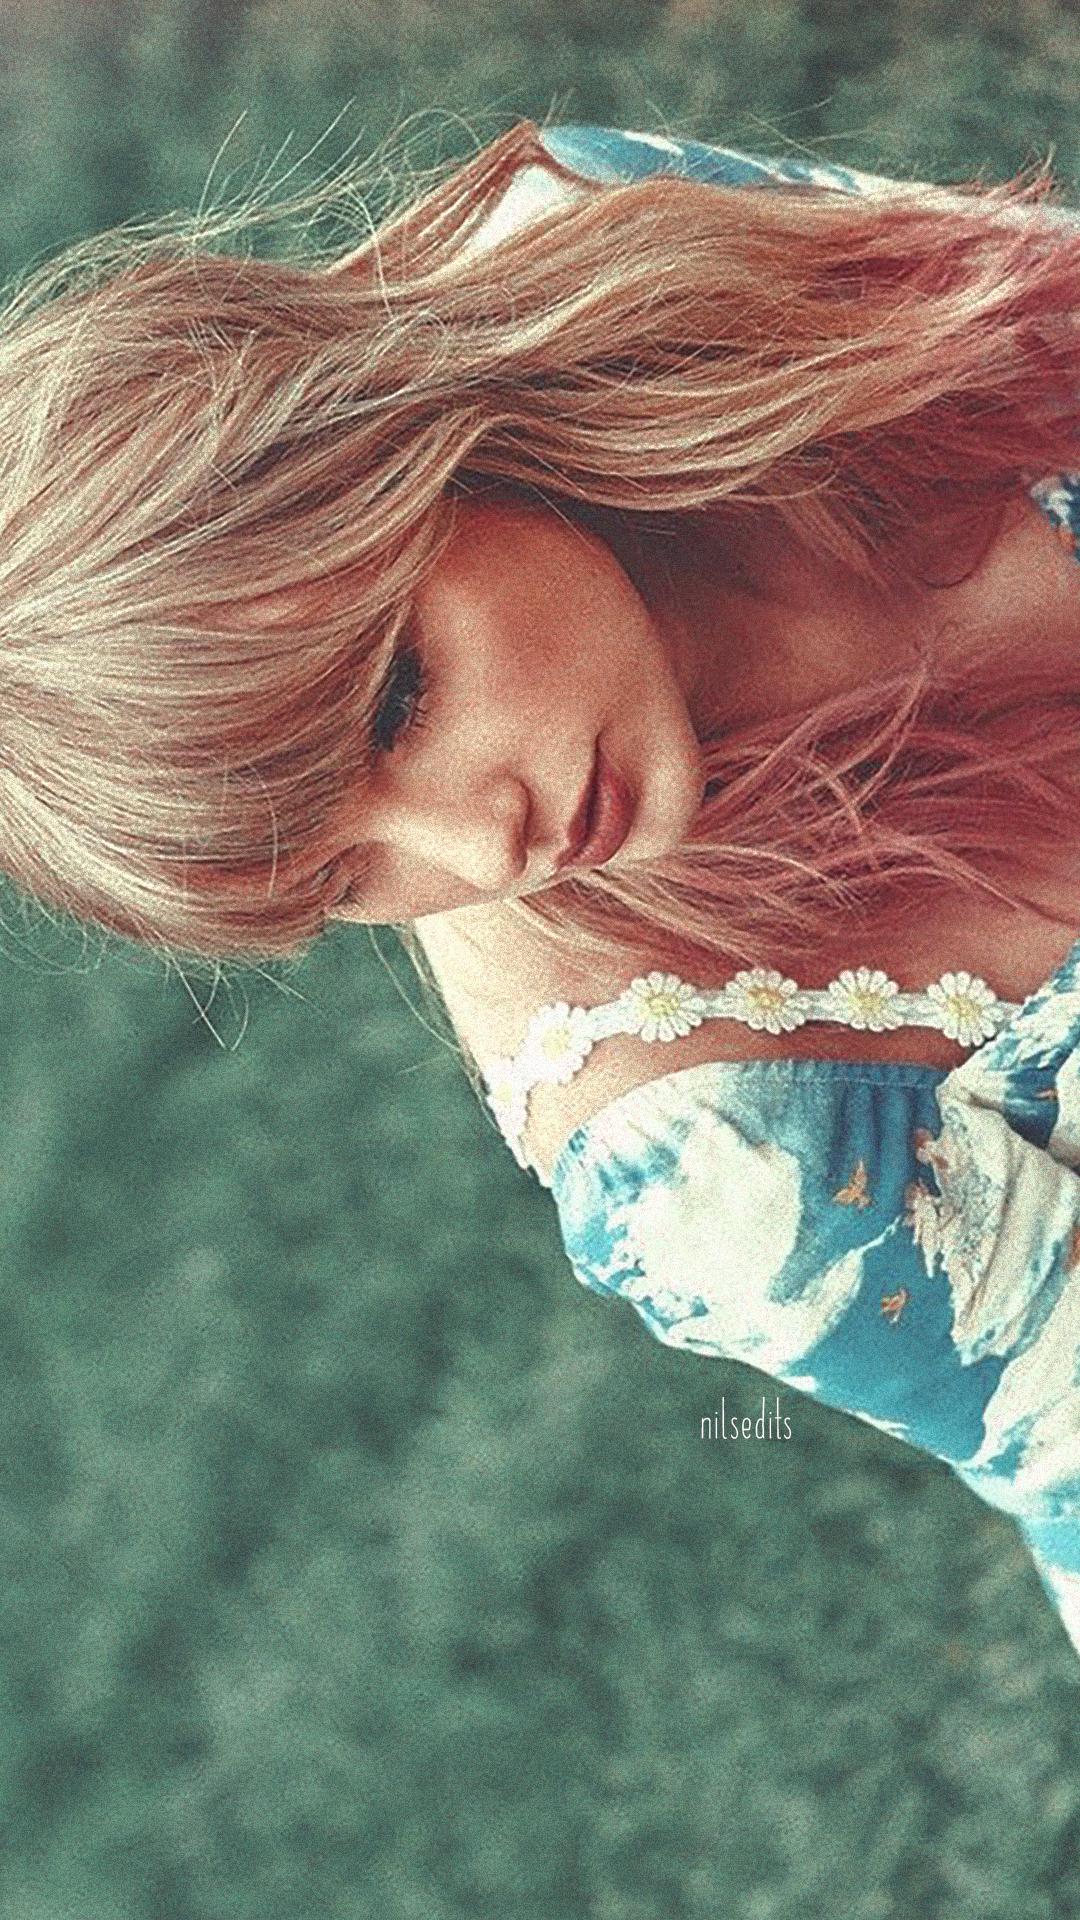 Taylor Swift Me Taylor Swift Wallpaper Taylor Swift Taylor Swift 13